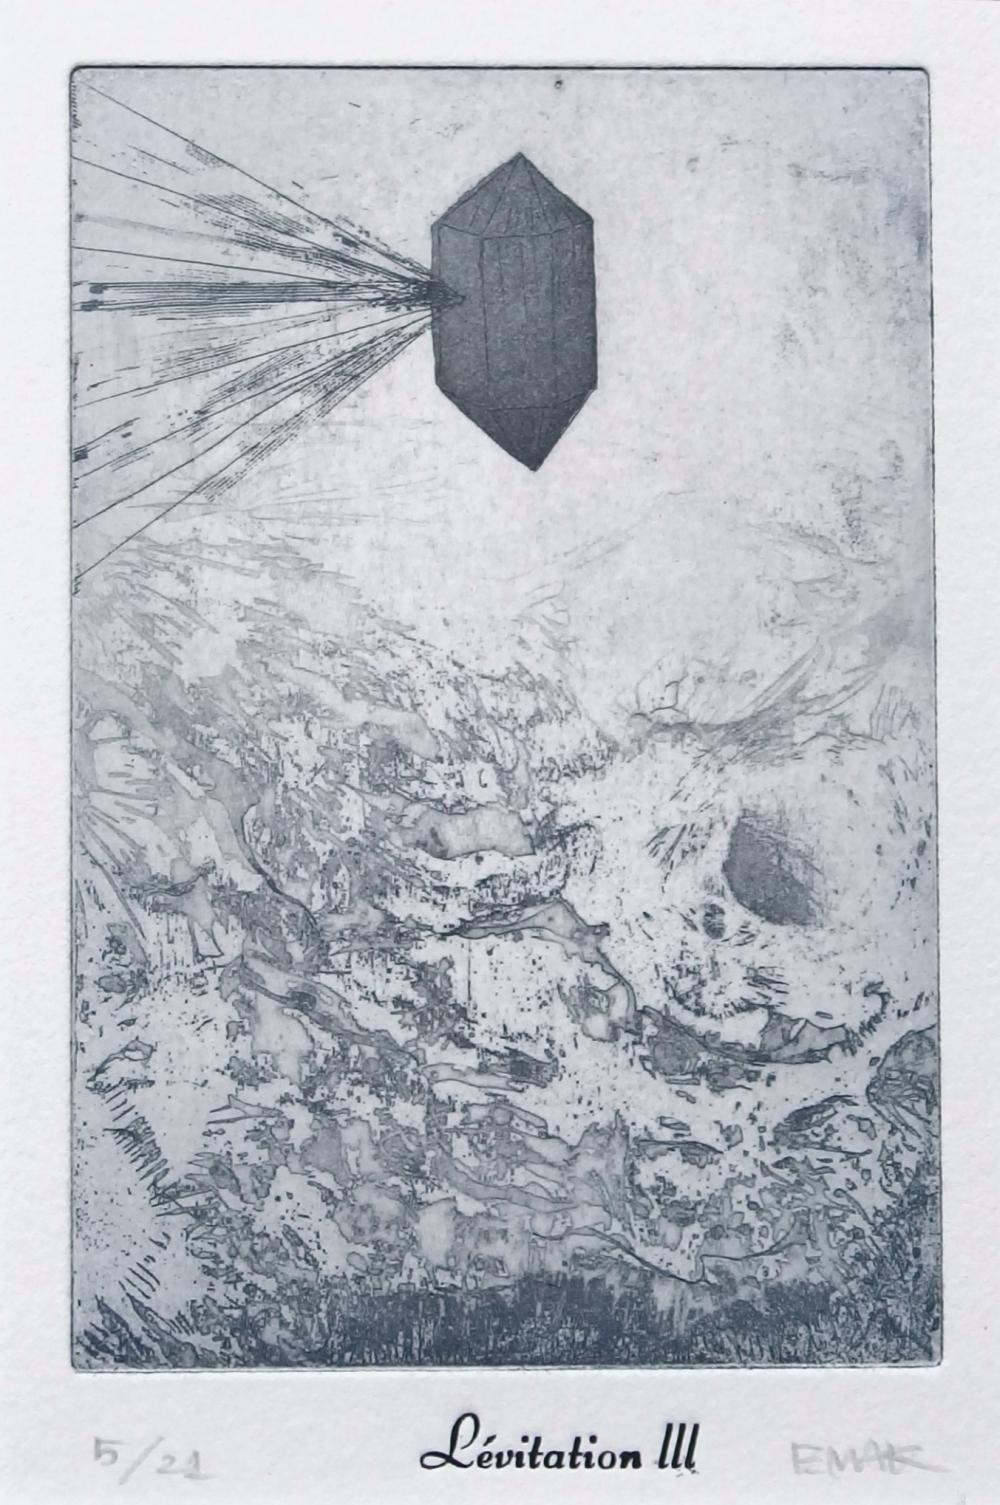 ema kawanago/Lévitation III/exid13950wid13797